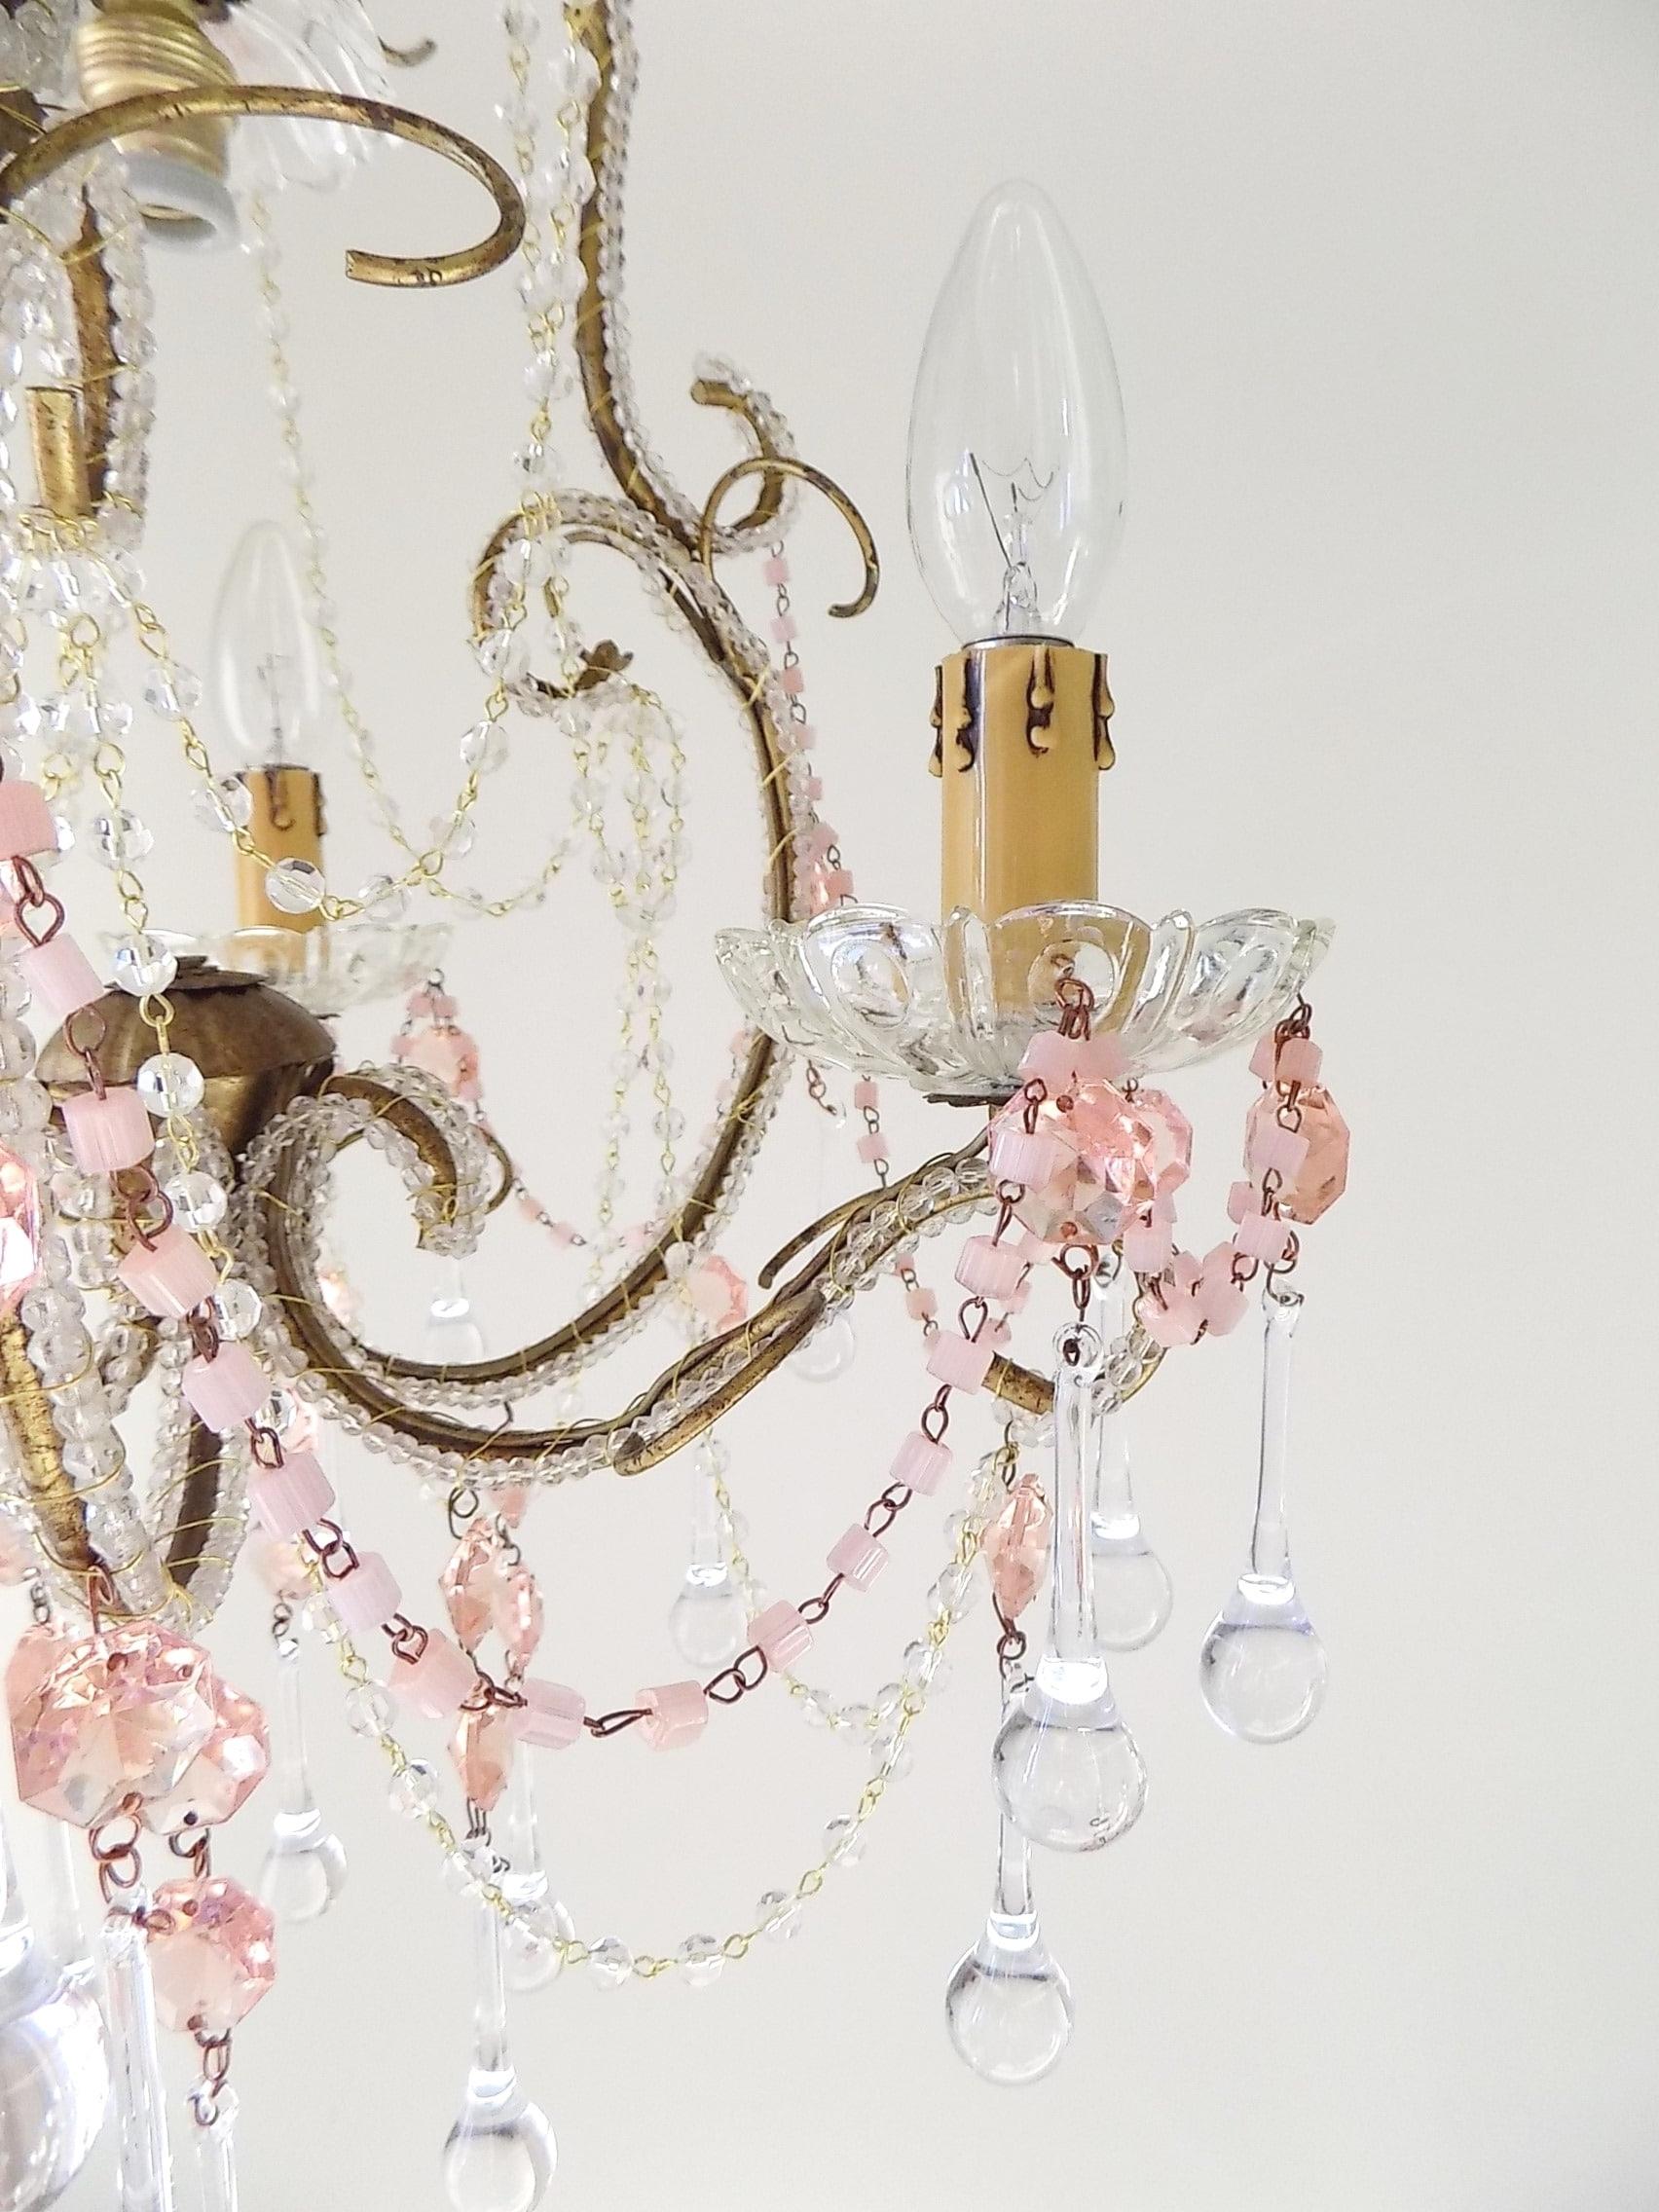 2019 Venetian Vintage Macaroni Beads Crystal Chandelier – Lorella Dia In Vintage Chandelier (View 1 of 20)